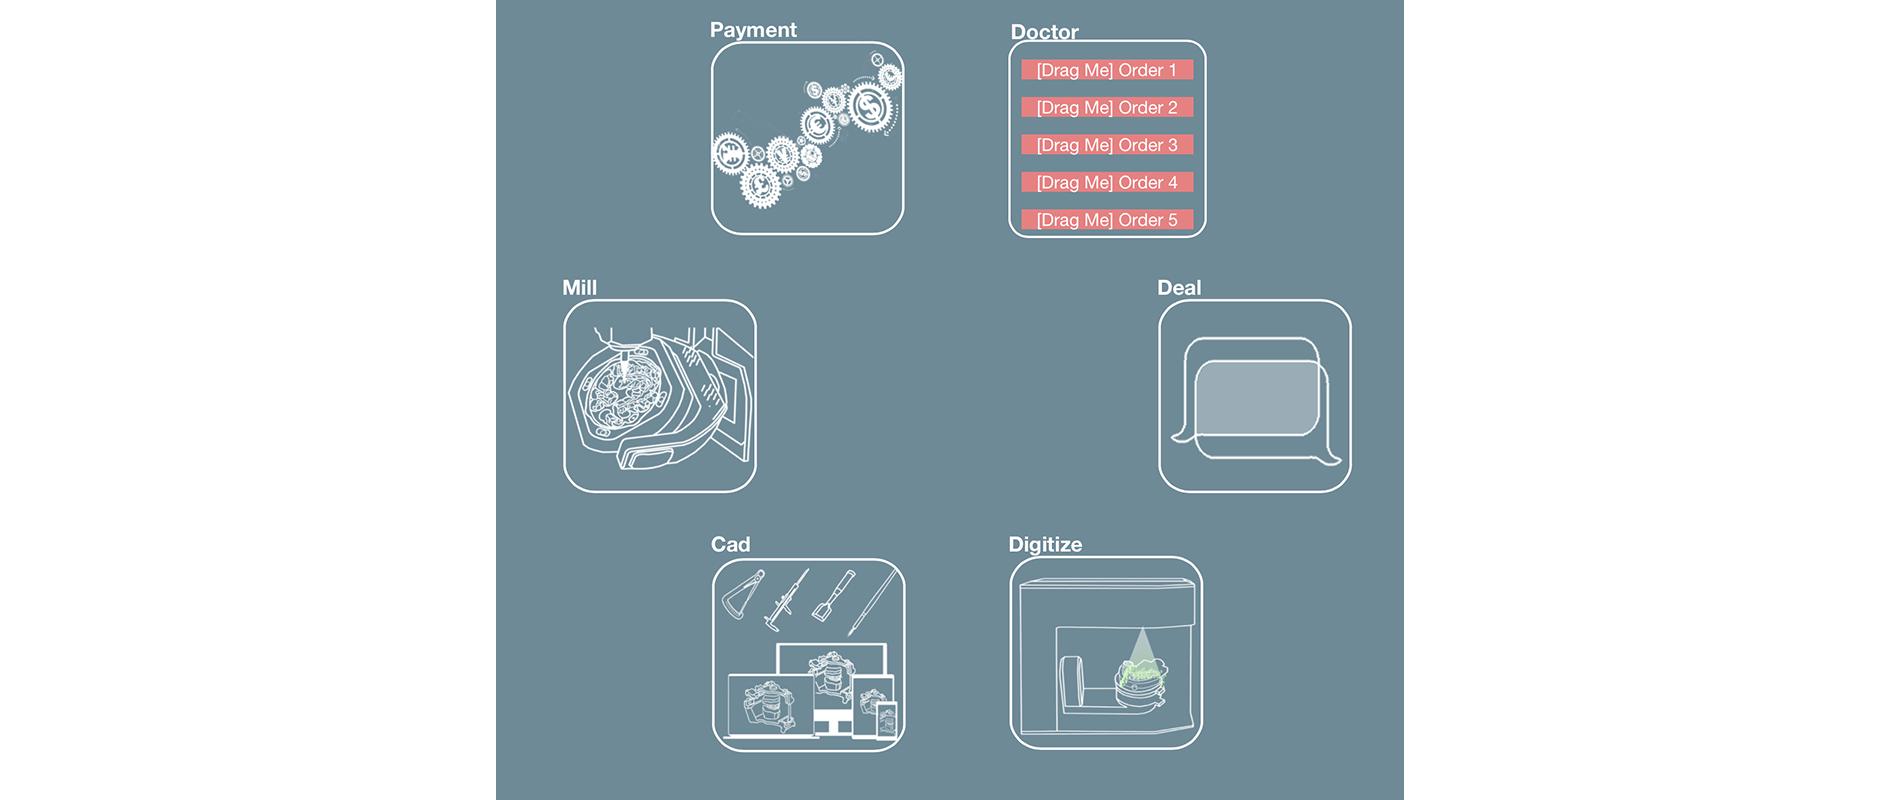 Погружение в технологию блокчейн: Экосистема цифровой стоматологии - 4